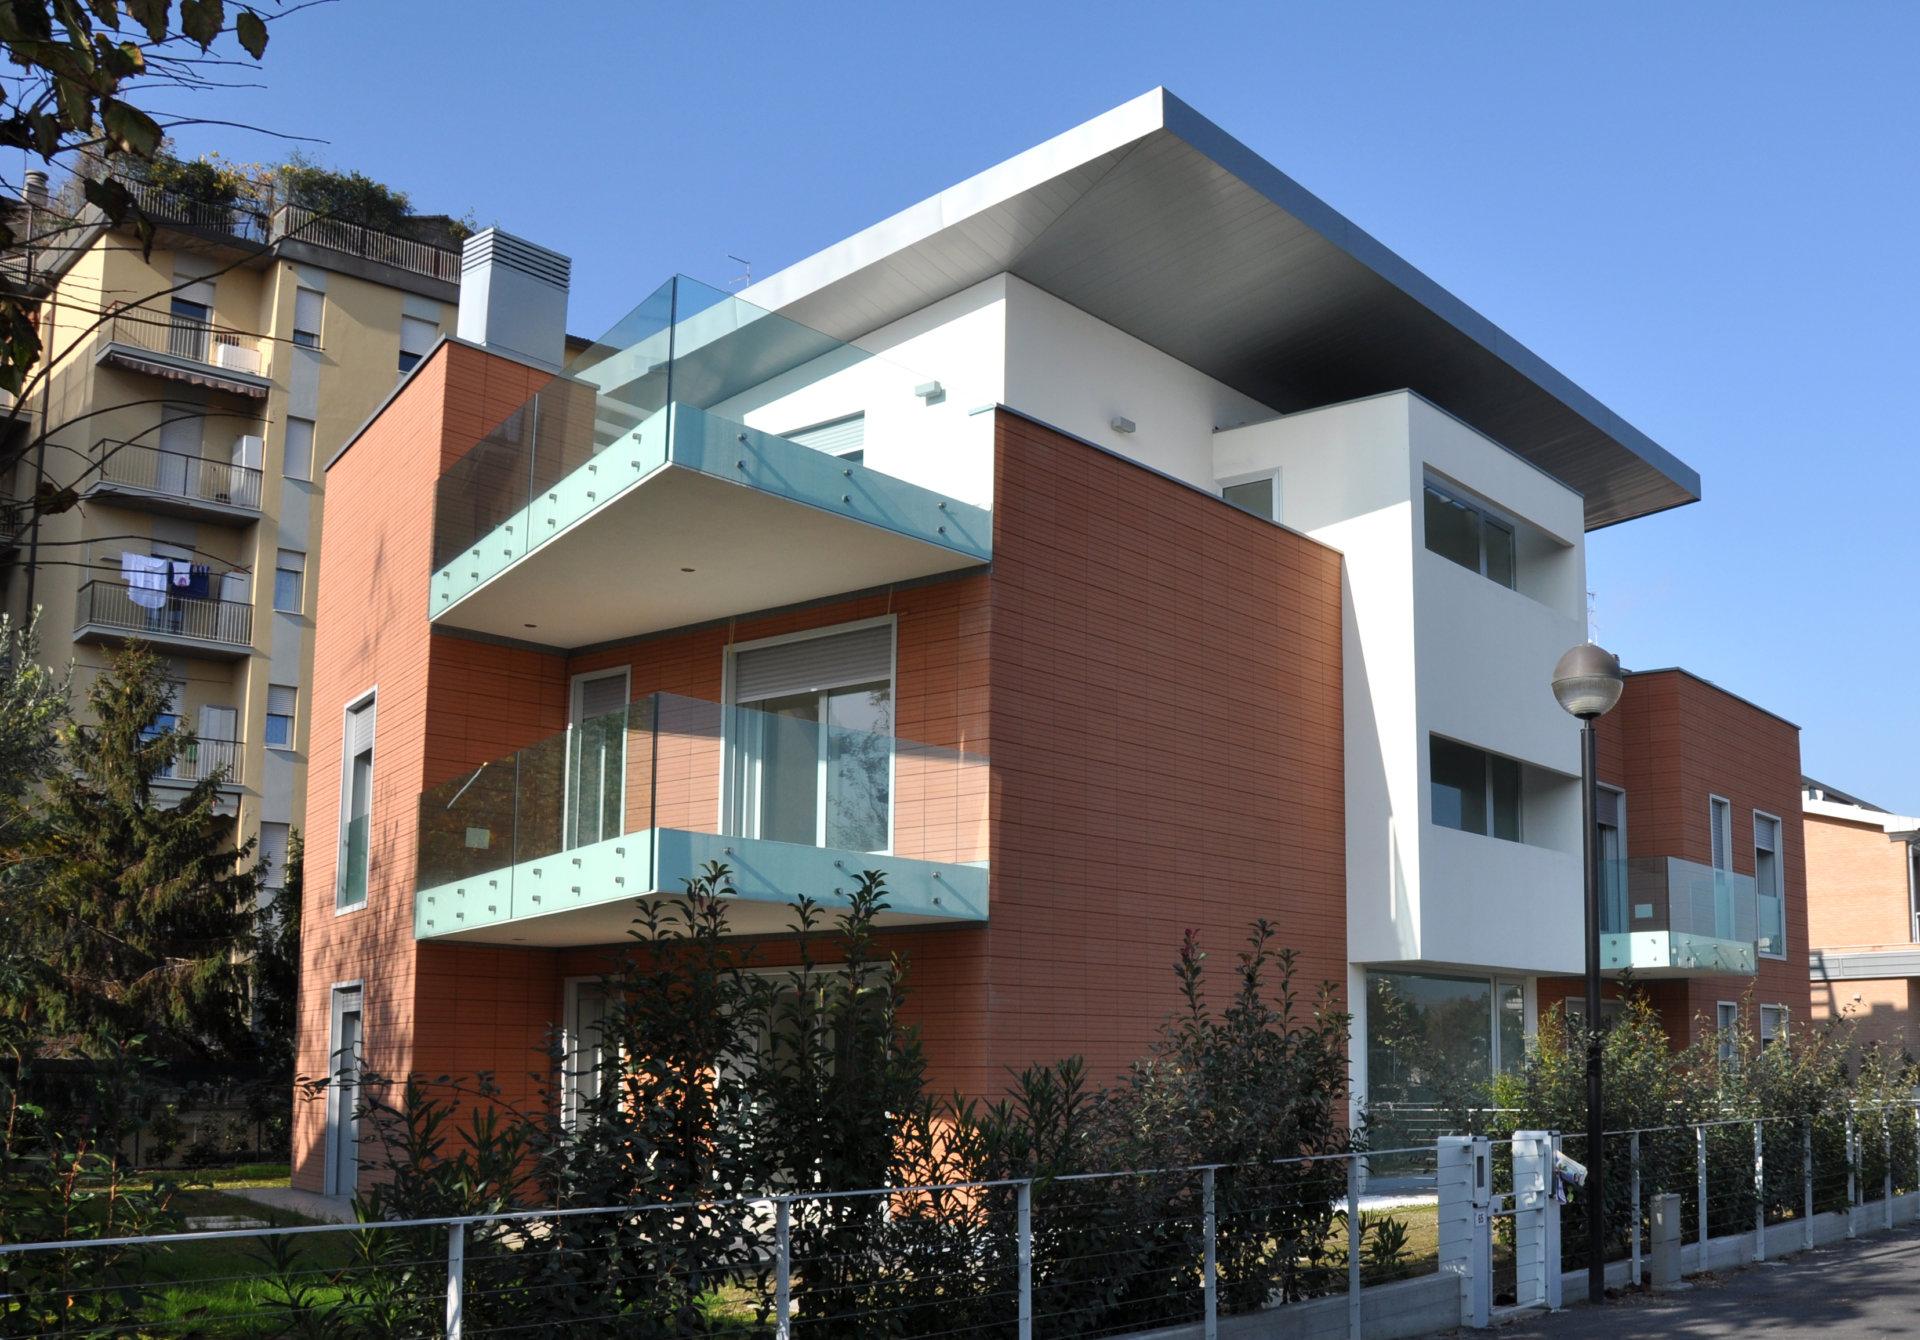 Residenze a Ravenna: edificio residenziale a basso consumo energetico